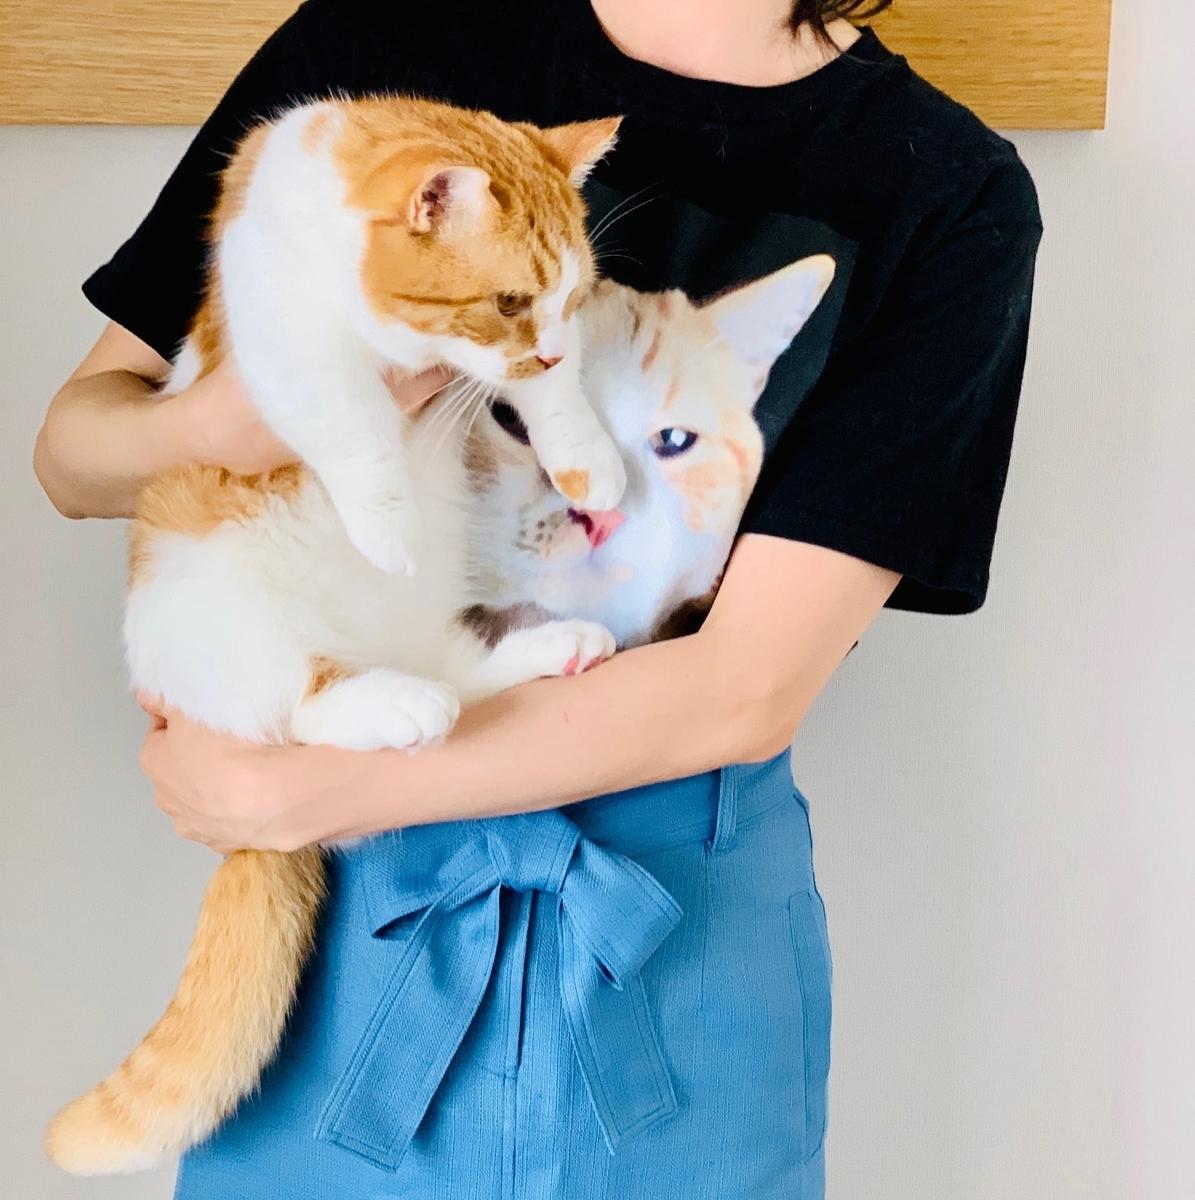 愛猫と、愛猫のTシャツ